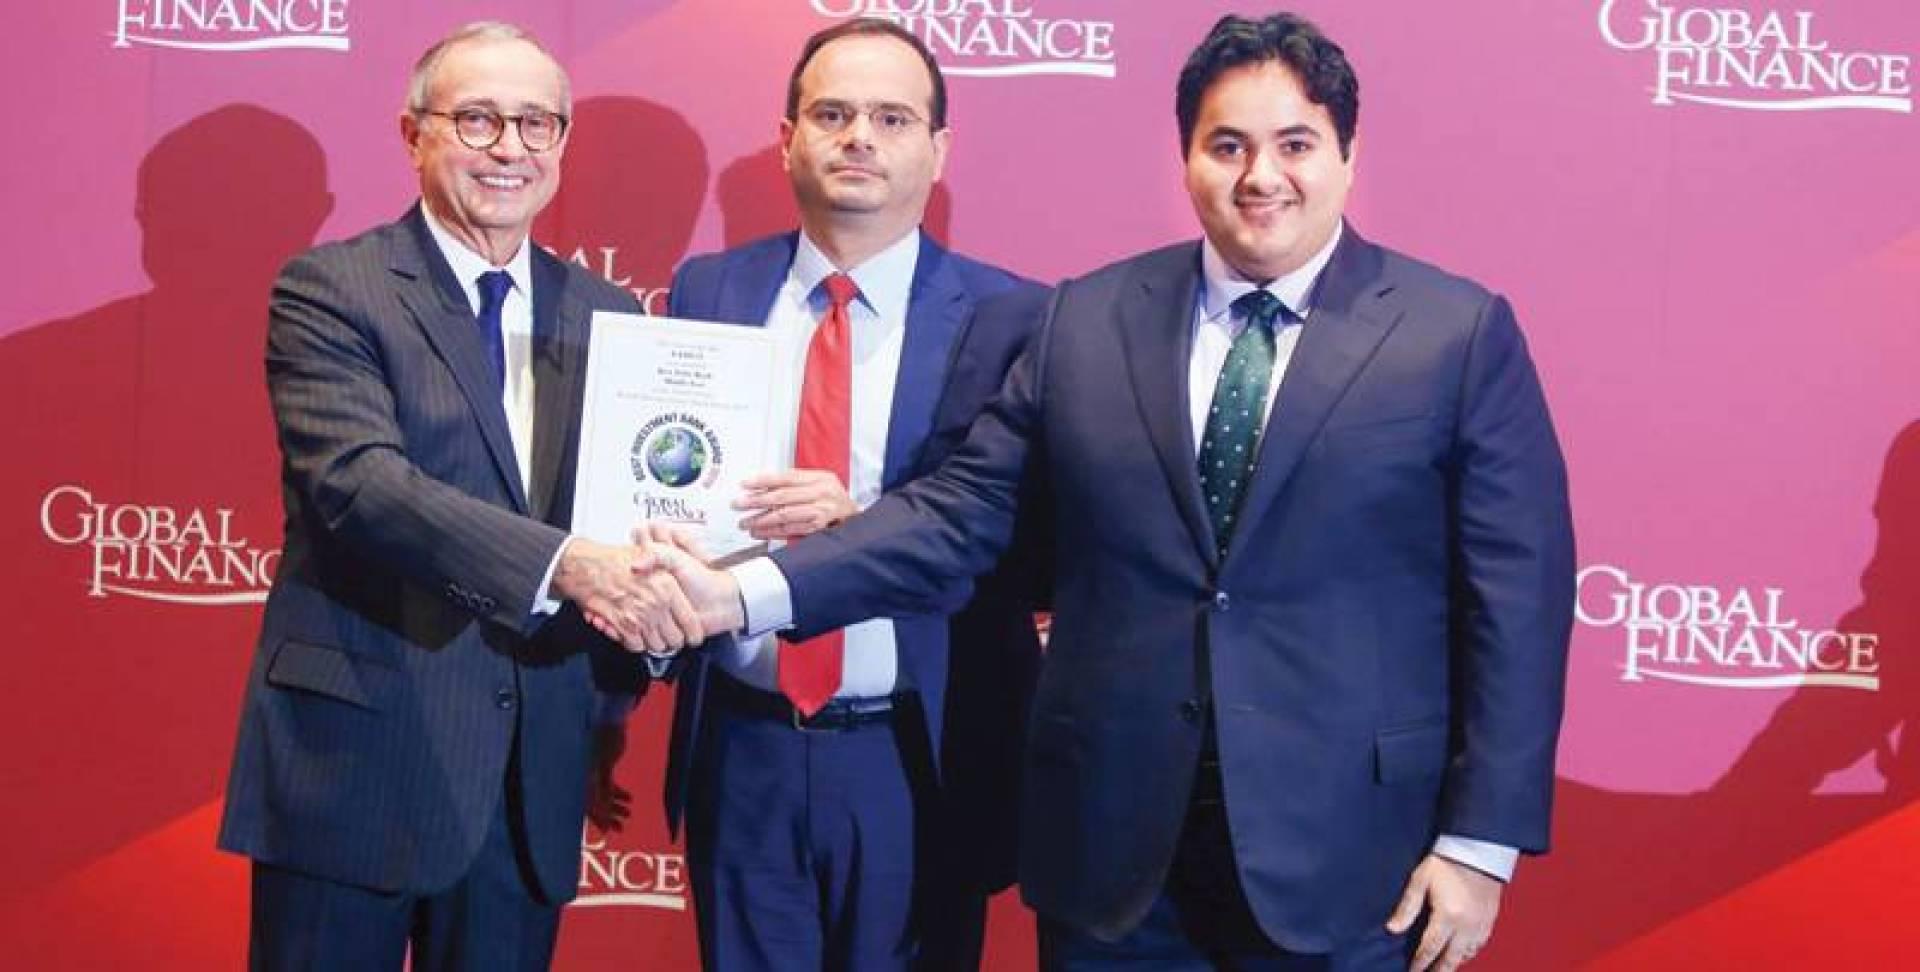 عمر زين الدين وبدر الغانم يتسلمان الجائزة